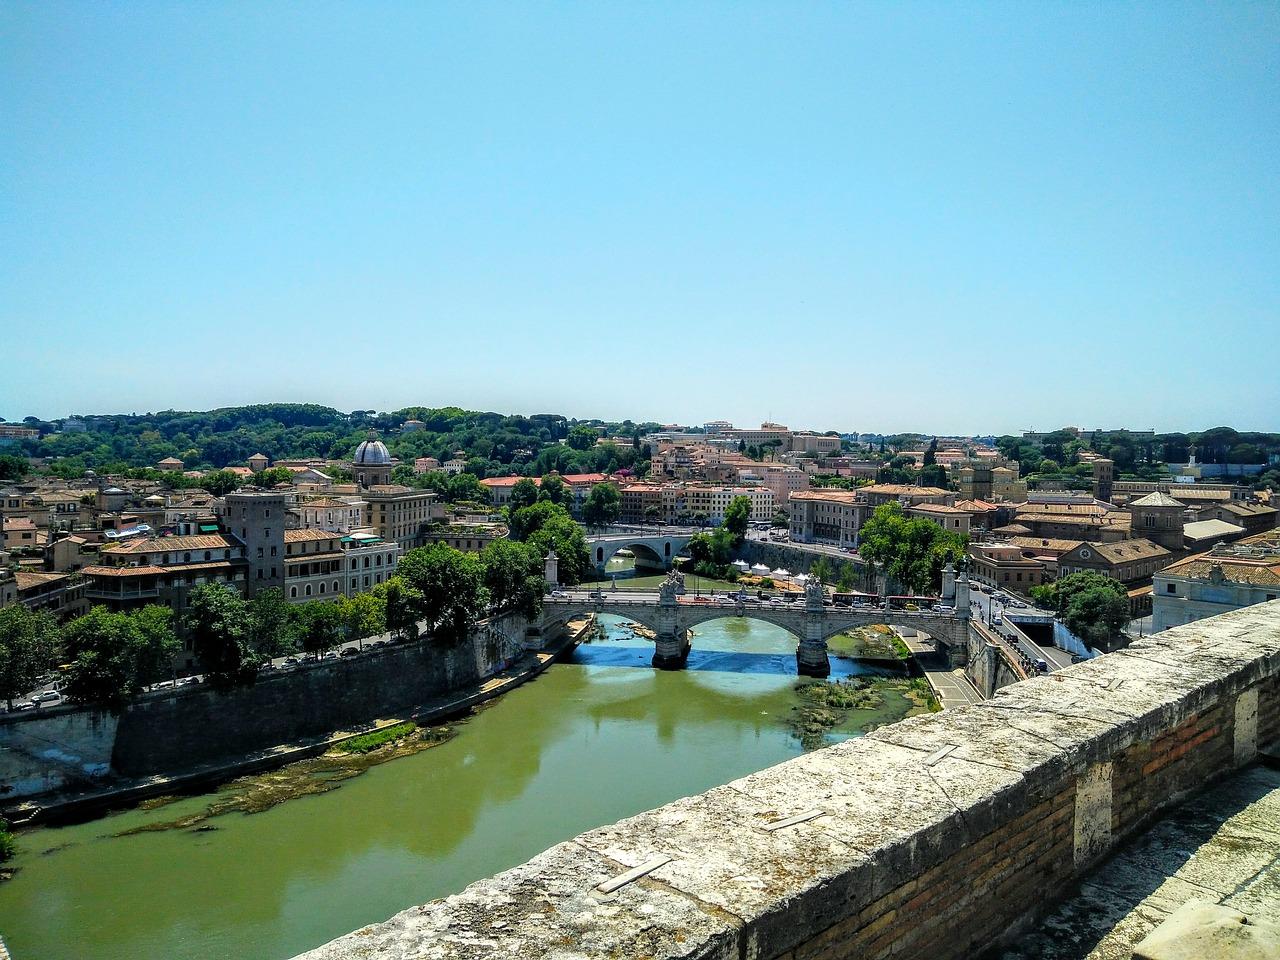 Il Tevere e l'antico porto di Roma